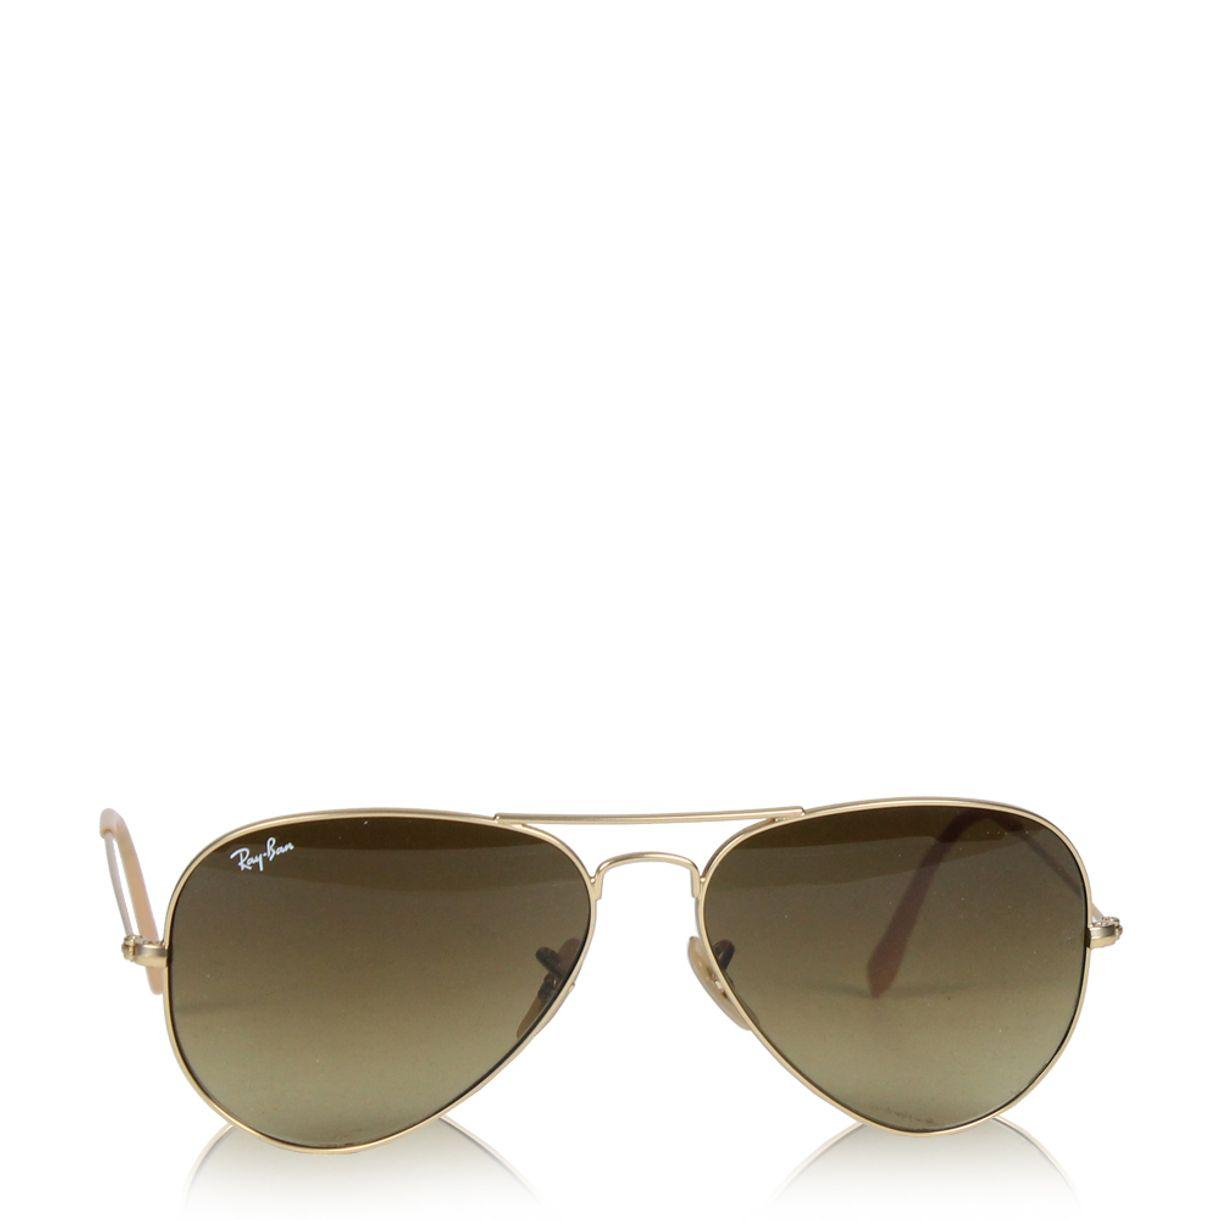 60428-rayban-dourado-1